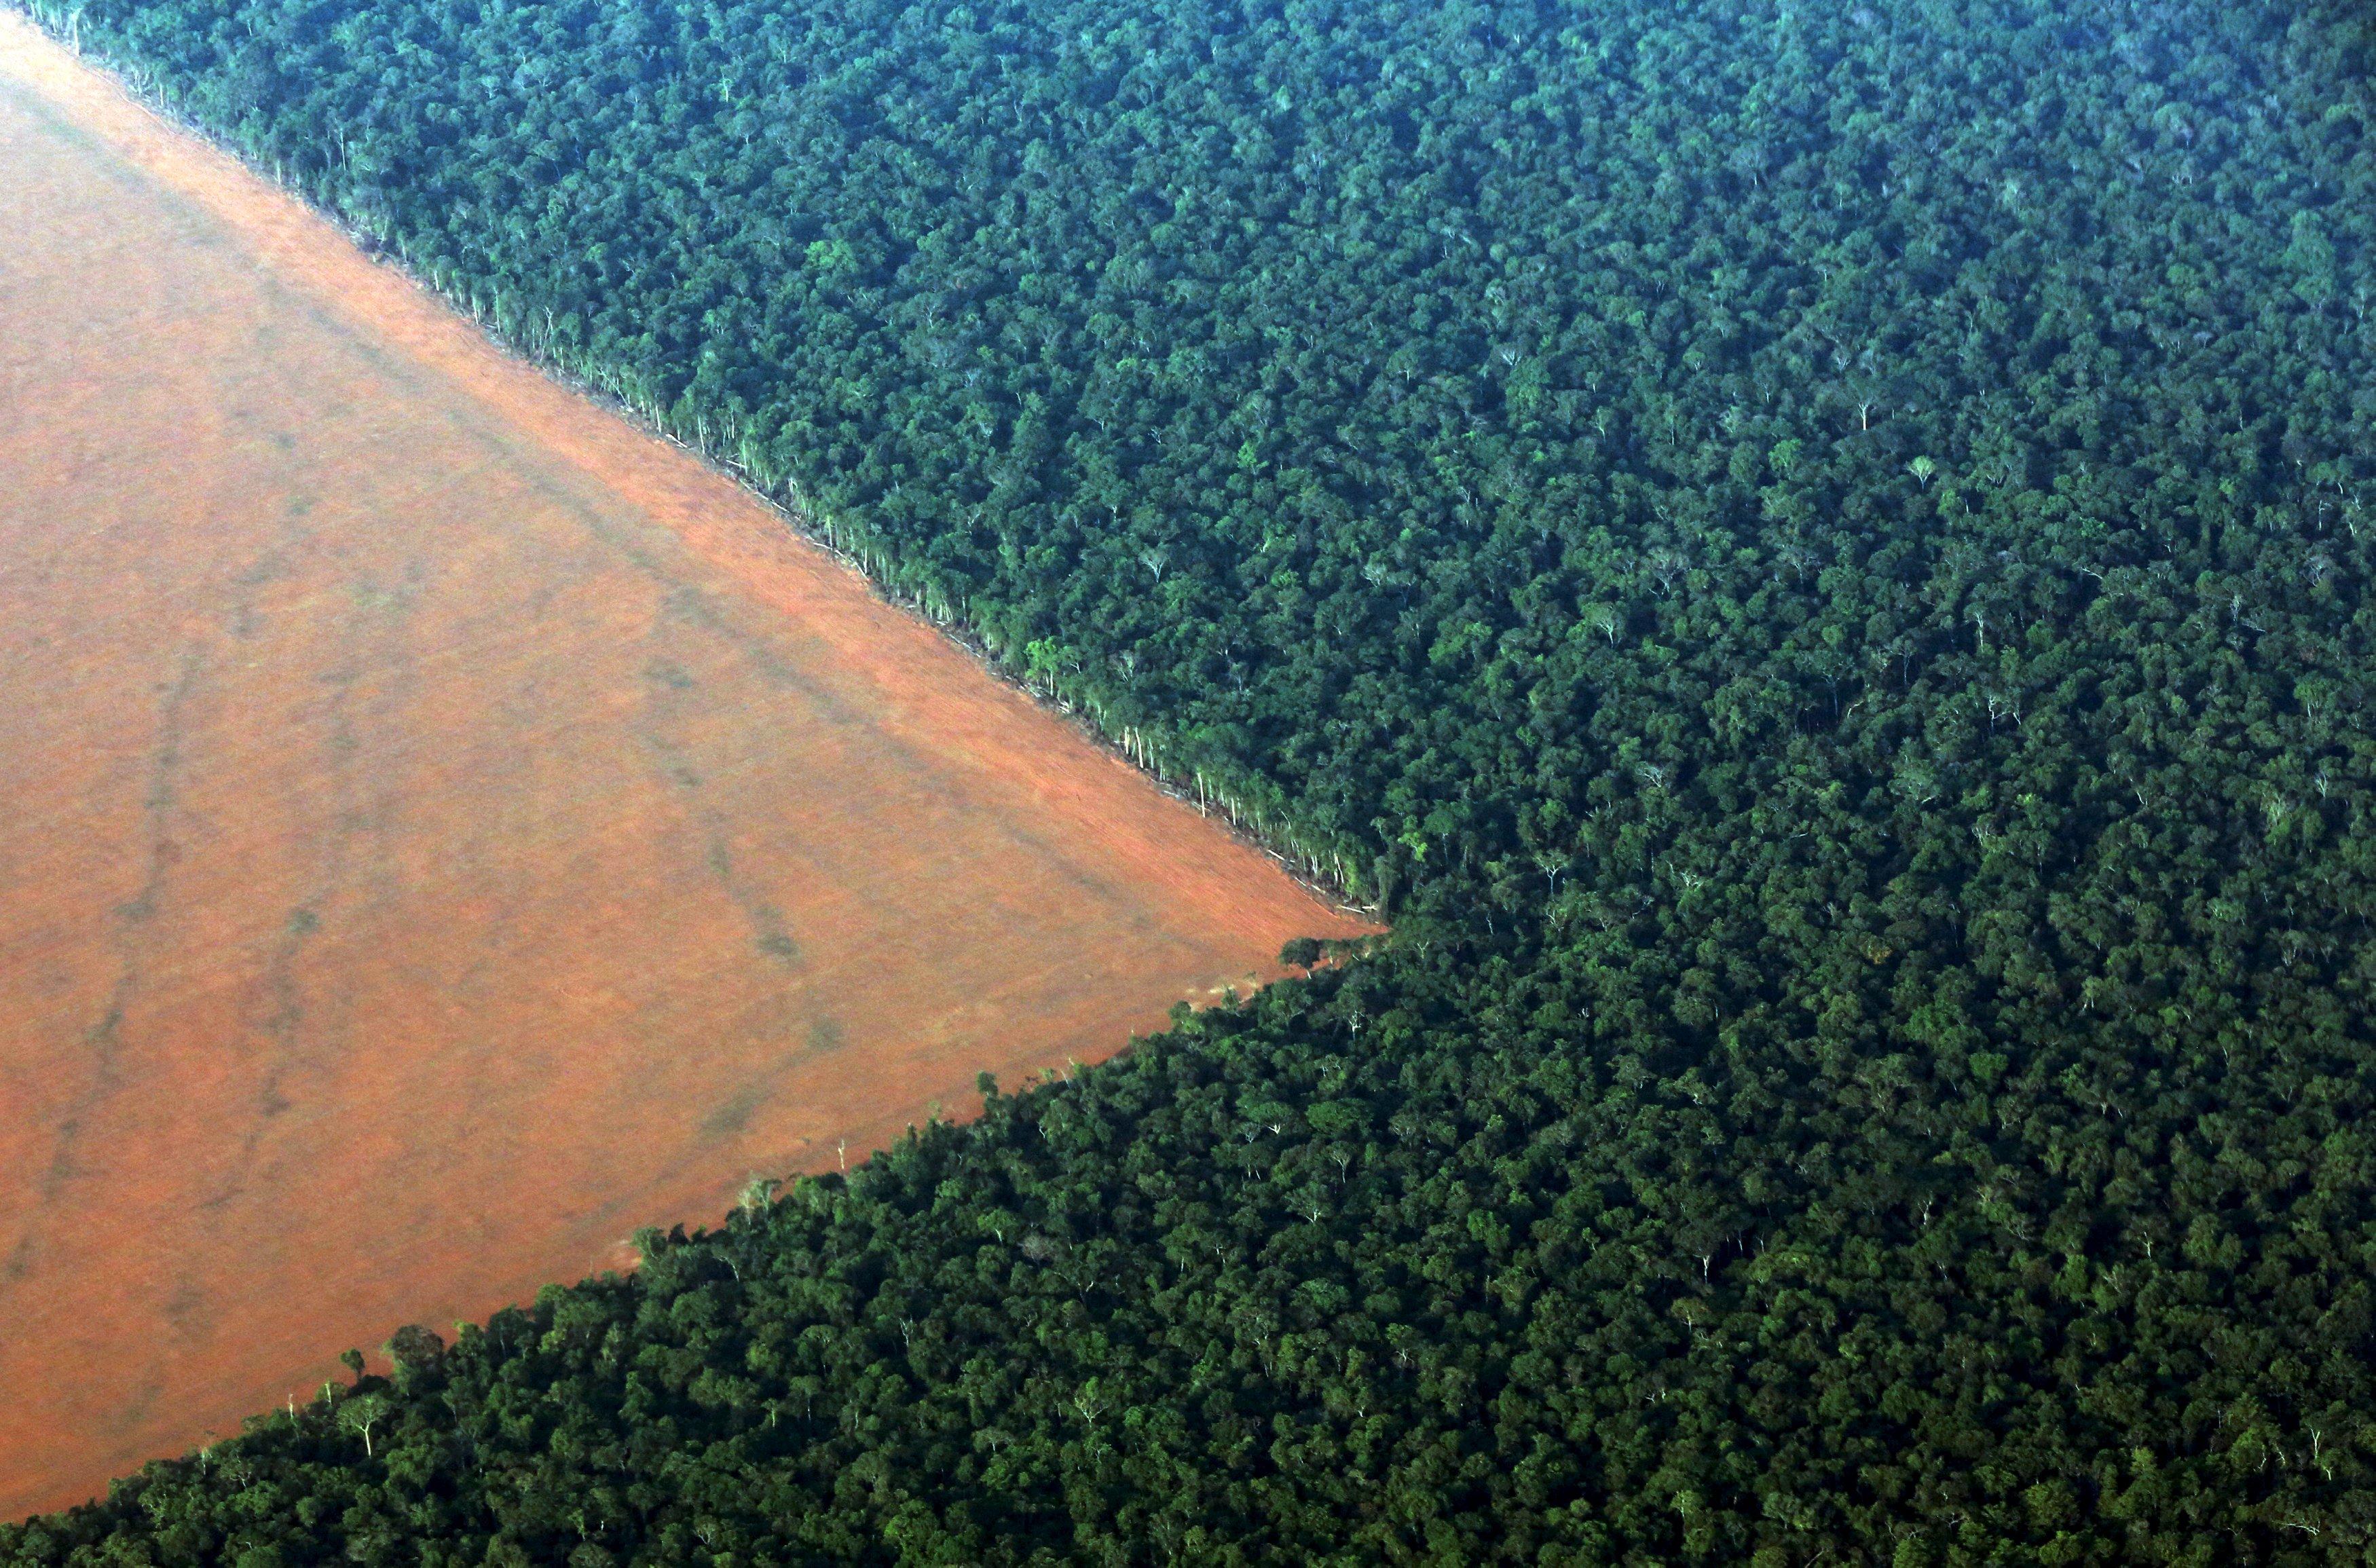 Hutan hujan Amazon, berbatasan dengan tanah deforestasi yang disiapkan untuk menanam kedelai, terlihat dalam foto udara yang diambil dari negara bagian Mato Grosso di bagian barat Brasil, Minggu (4/10). Brasil akan memproduksi 97,8 juta ton kedelai pada 2015/16 yang merupakan rekor, meningkat 3,2 persen dibanding produksi 2014/15, tetapi jumlah tambahan tersebut akan disimpan di Brasil, dengan sedikit dampak pada  jumlah ekspor, diperkirakan oleh Asosiasi Industri Minyak Sayur Brasil (ABIOVE) kemarin. ANTARA FOTO/REUTERS/Paulo Whitaker.